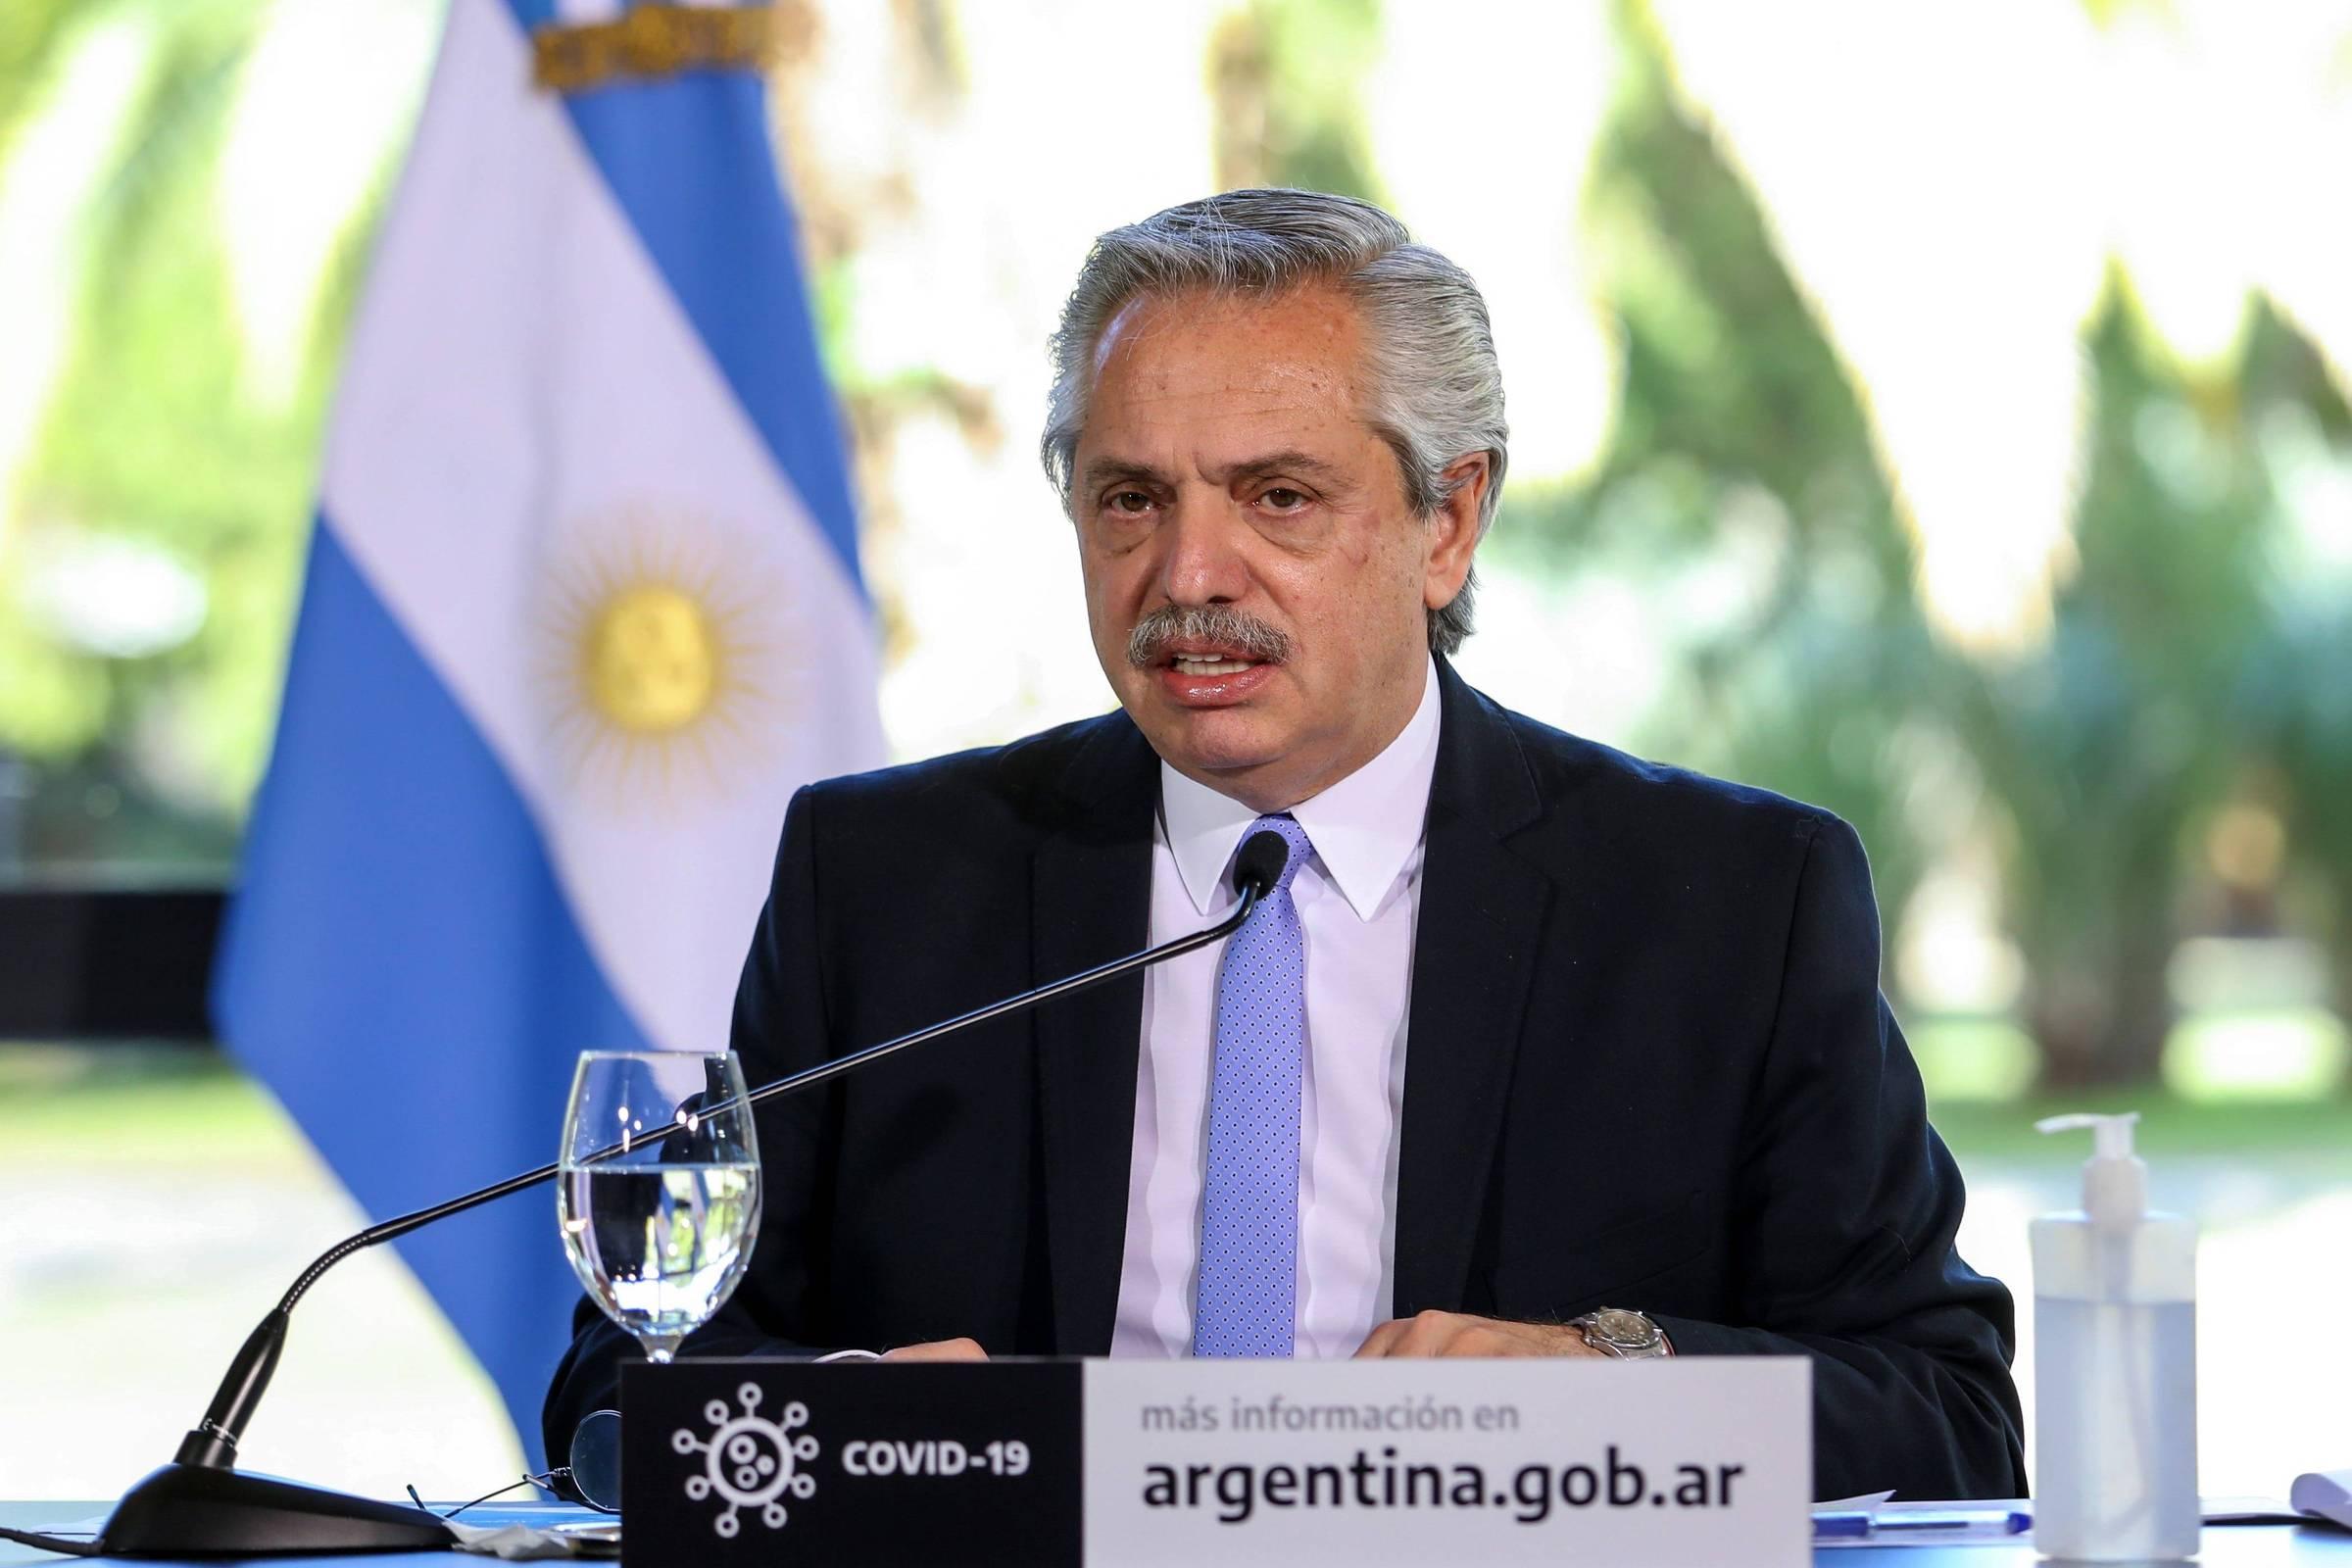 """Com 97% dos casos Covid-19 na Argentina, Buenos Aires anunciou um novo """"bloqueio"""" - 26 de junho de 2020. - O mundo"""